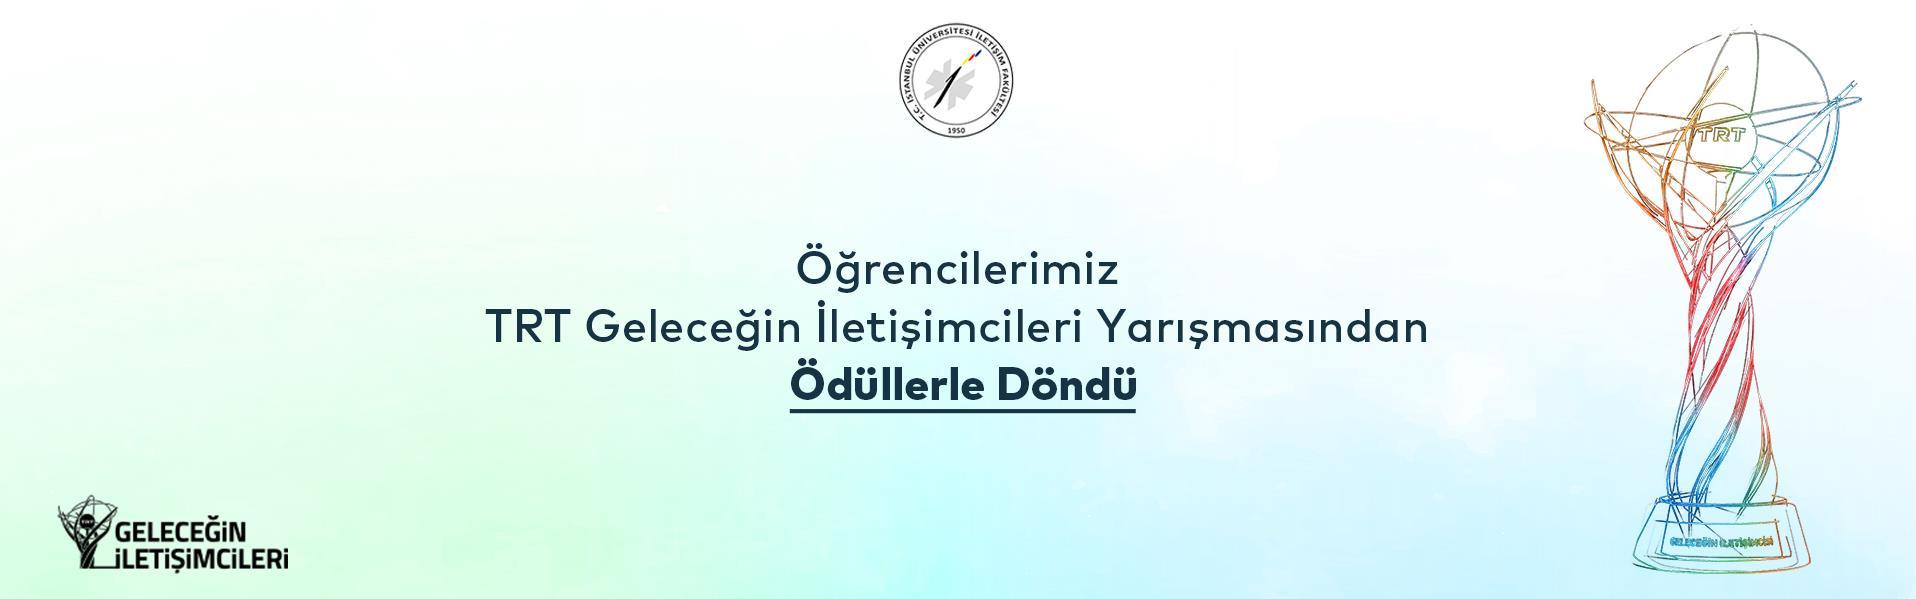 TRT ödül yarışma